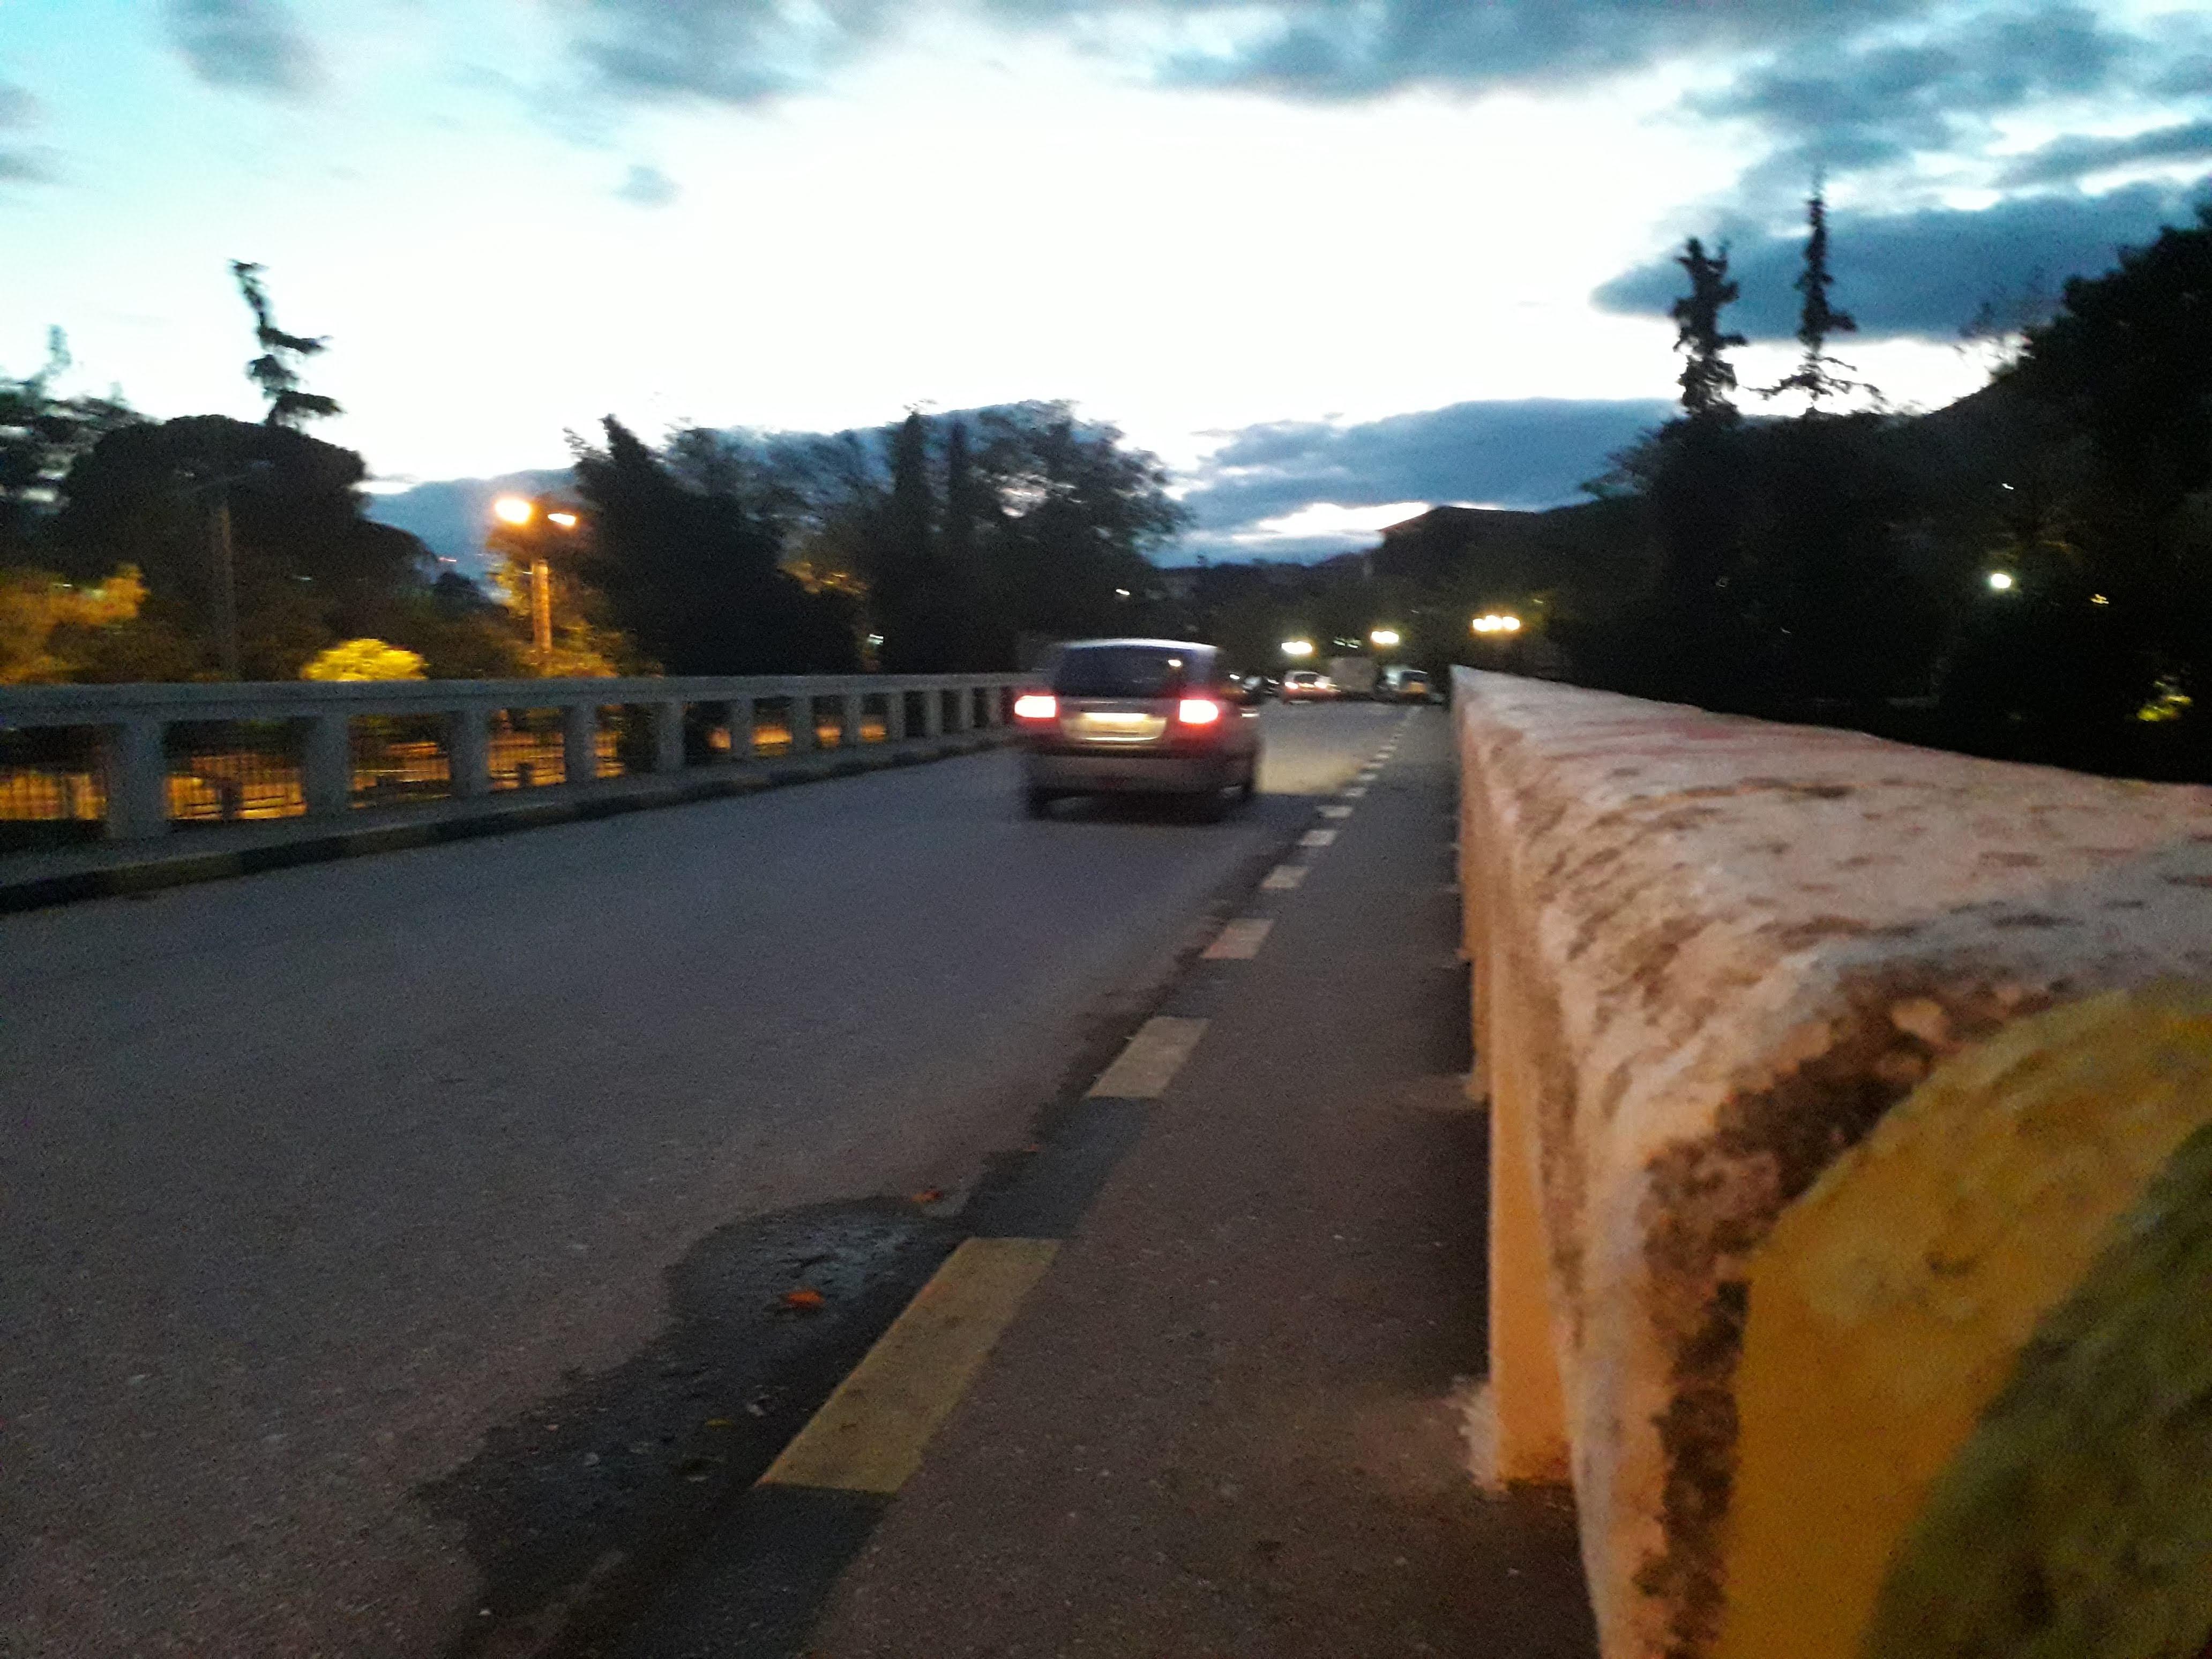 Ενημέρωση από την Αστυνομία: Που υπάρχουν προβλήματα στον δρόμο